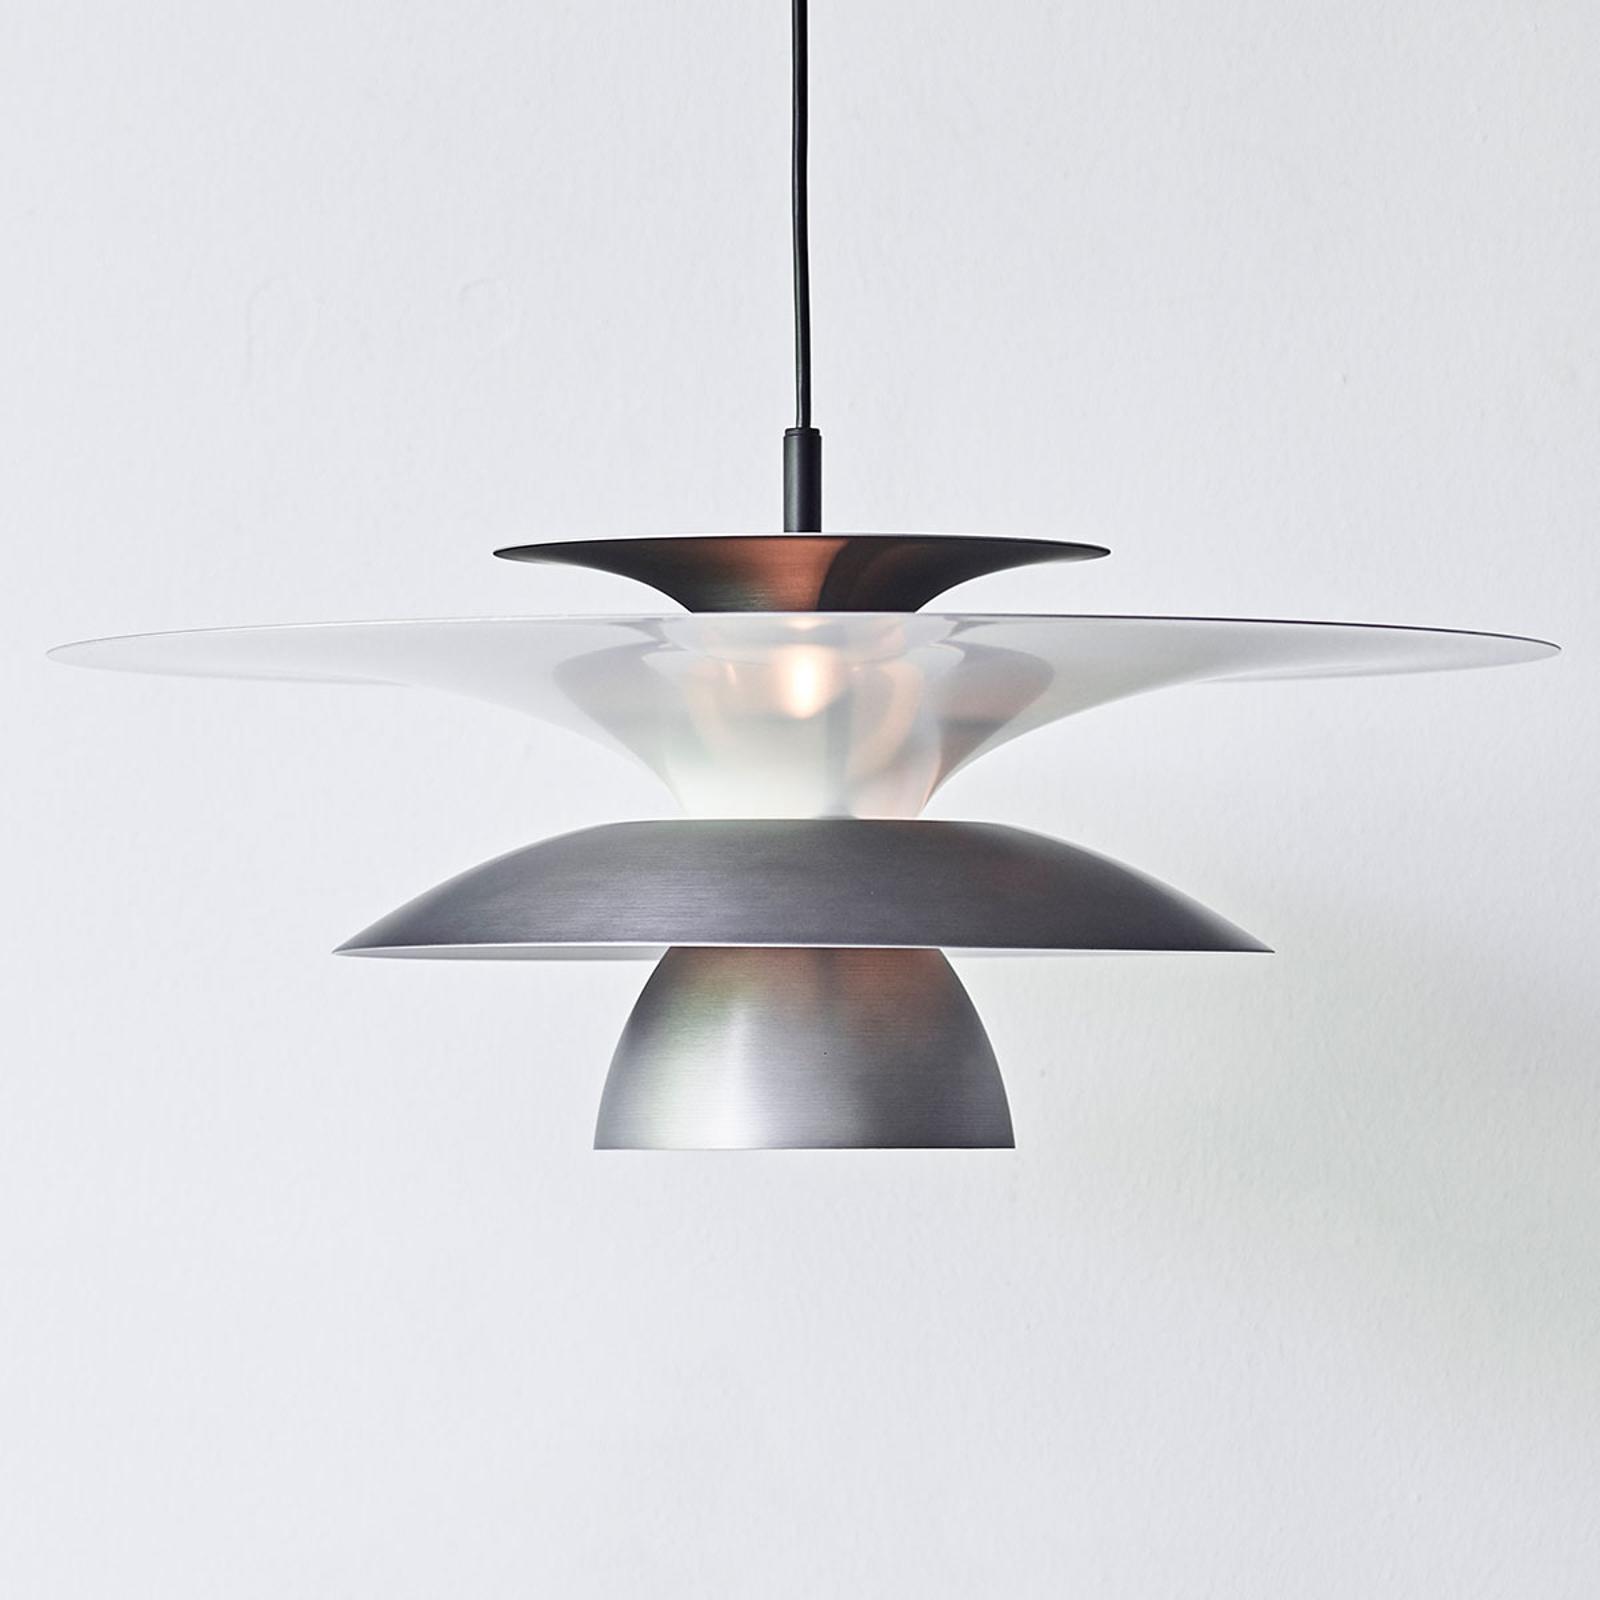 Lampa wisząca LED Picasso 1-pkt., Ø 38 cm, szara